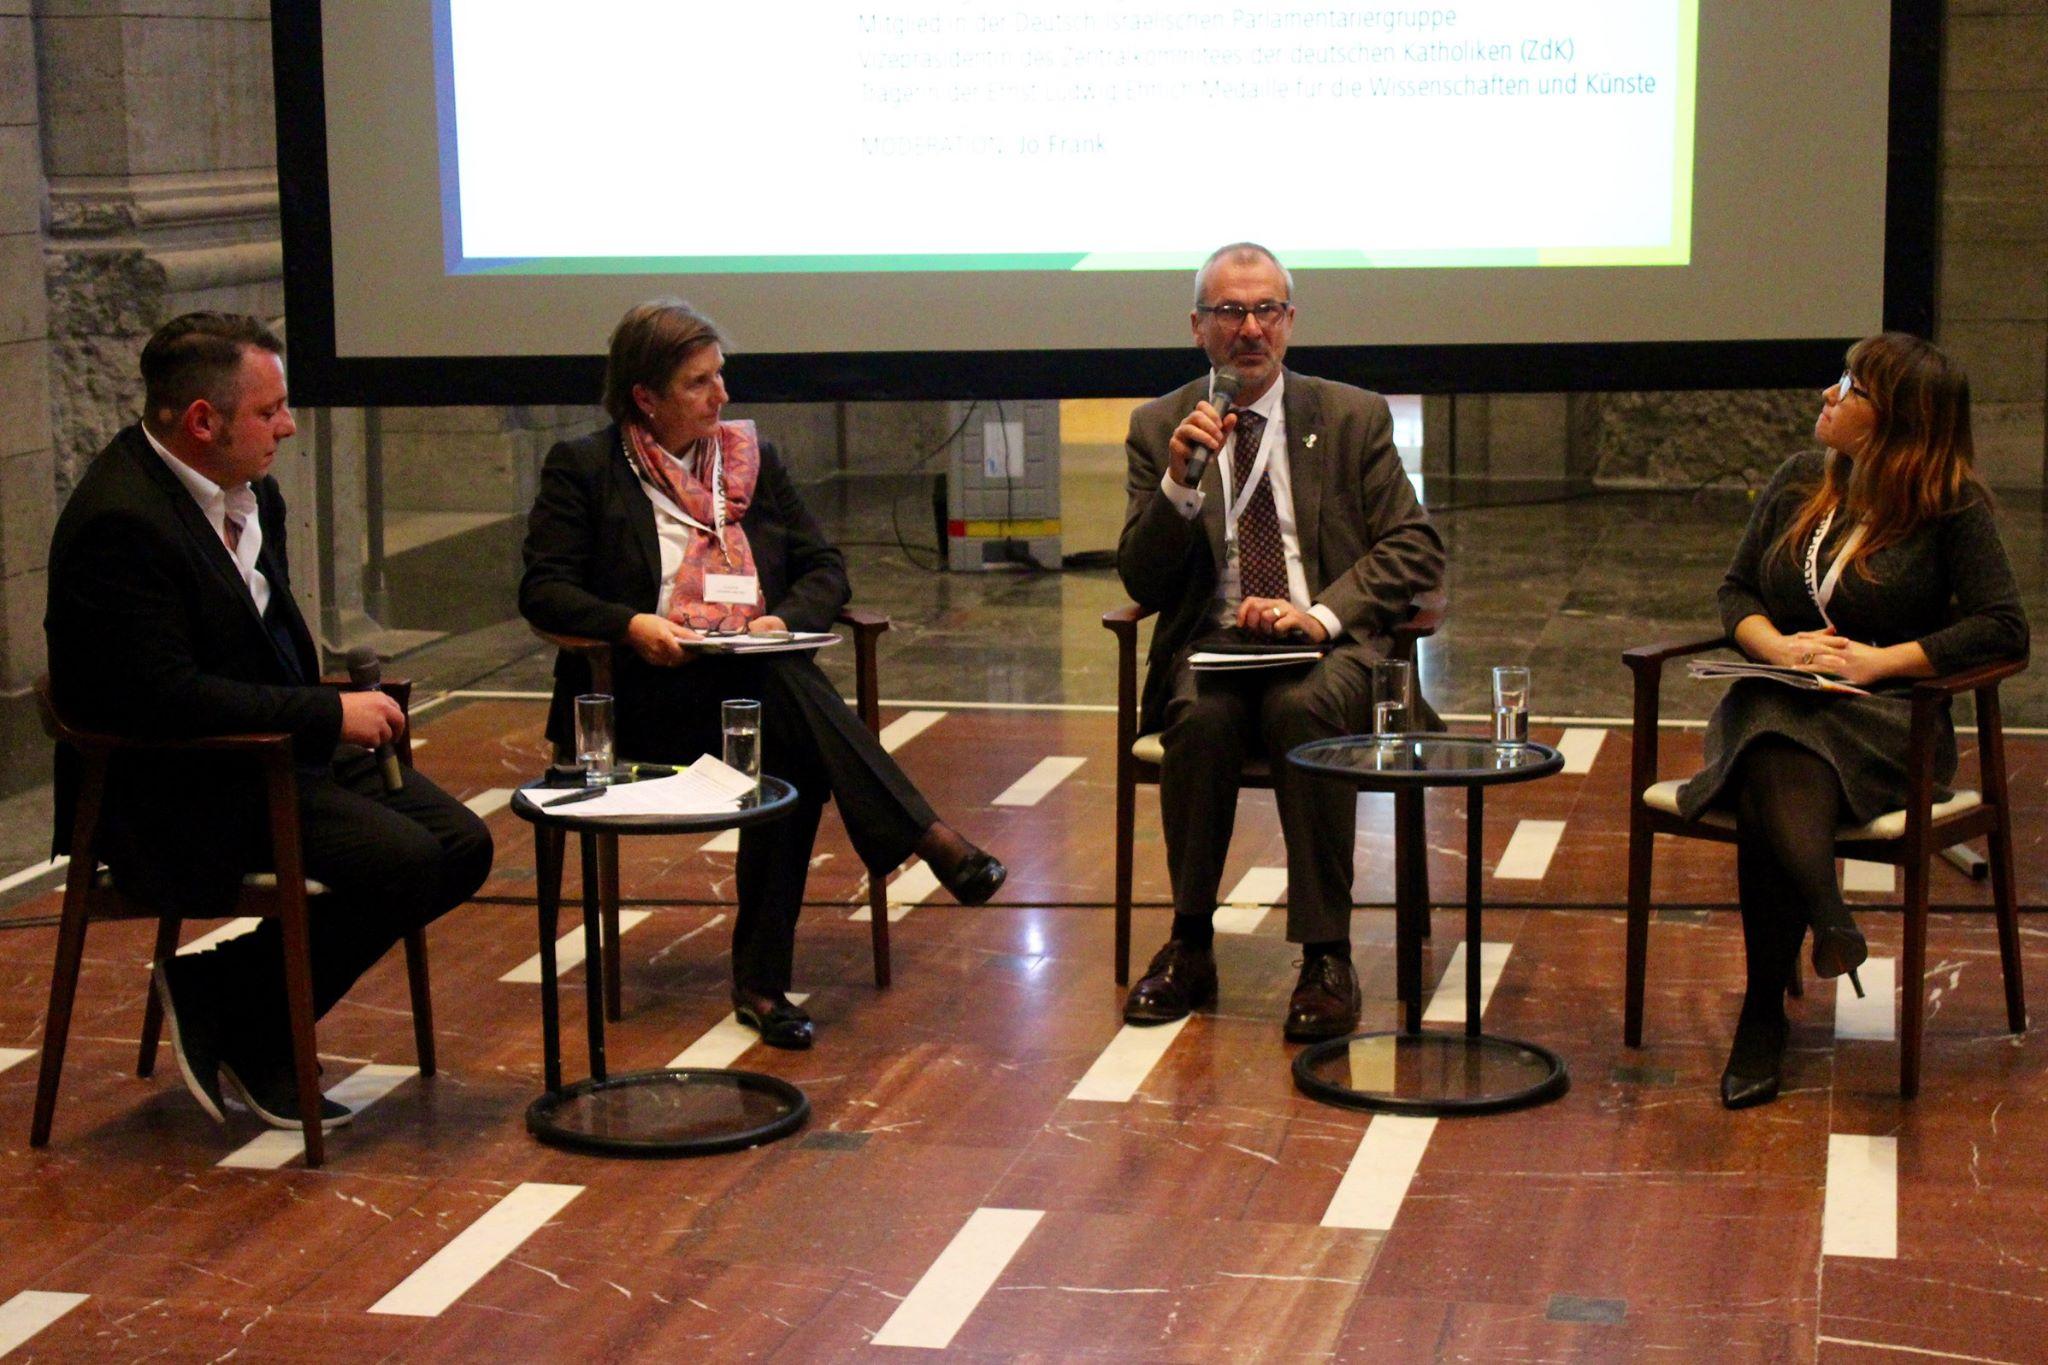 Dialogperspektiven-Auftakt: Podiumsdiskussion. Bild: Jonas Fegert